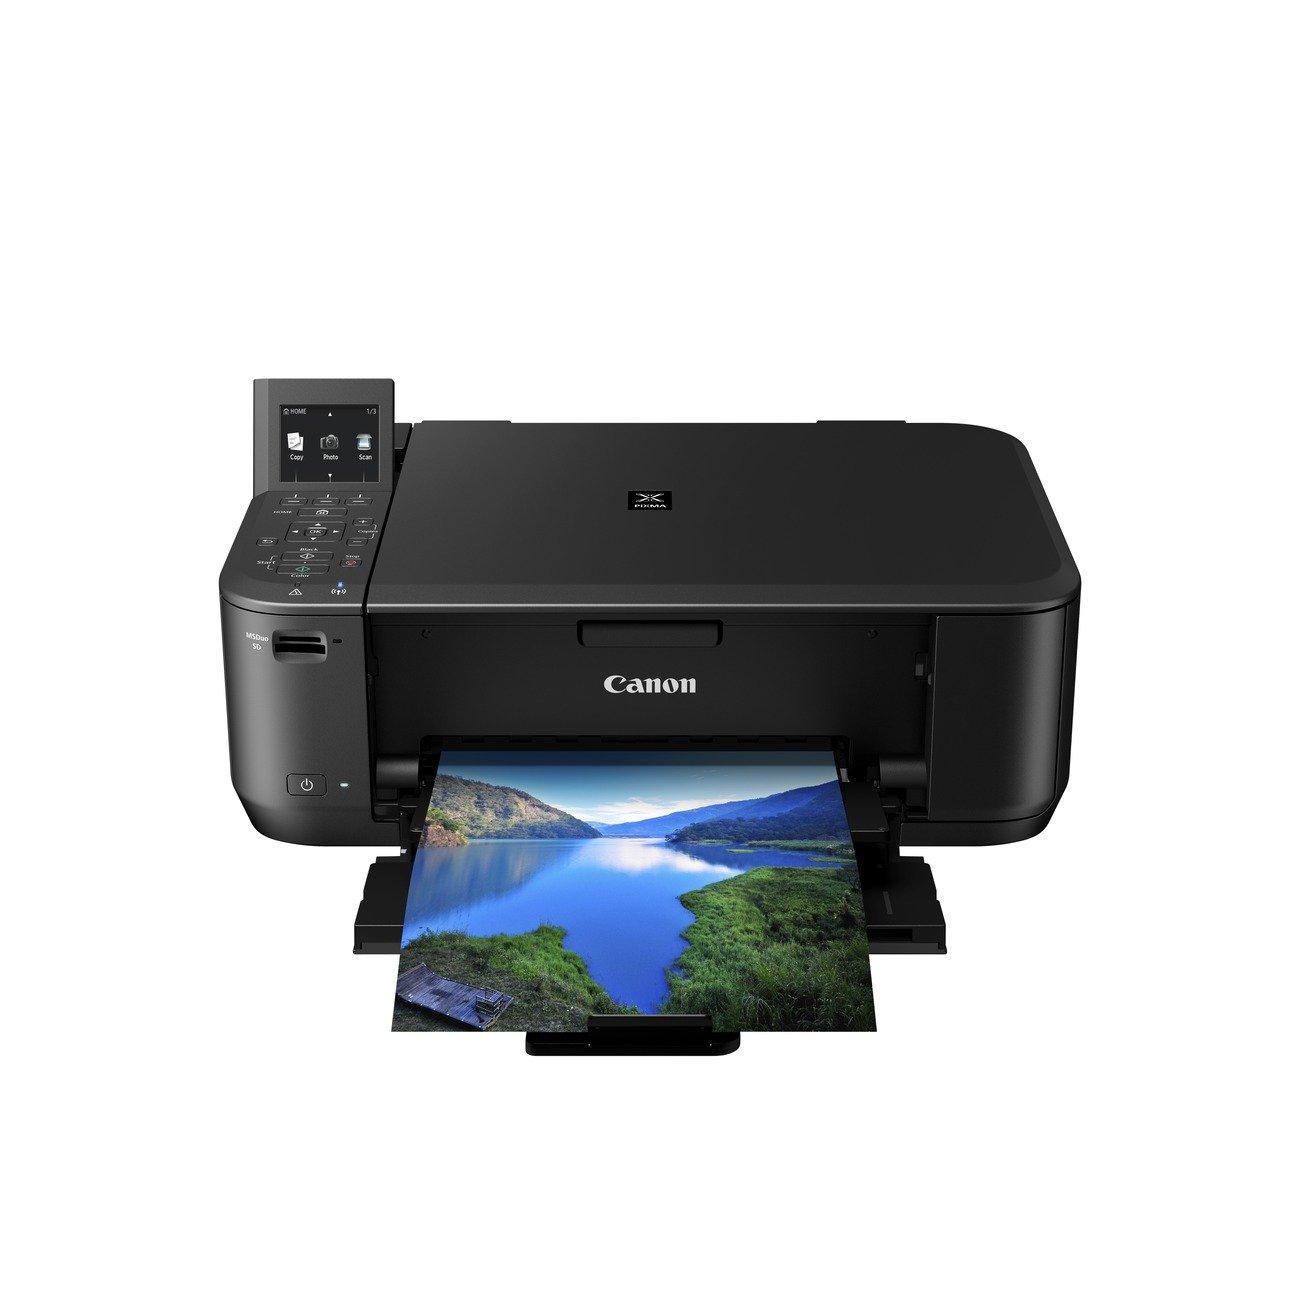 Драйвер для принтера canon mg4140 скачать бесплатно